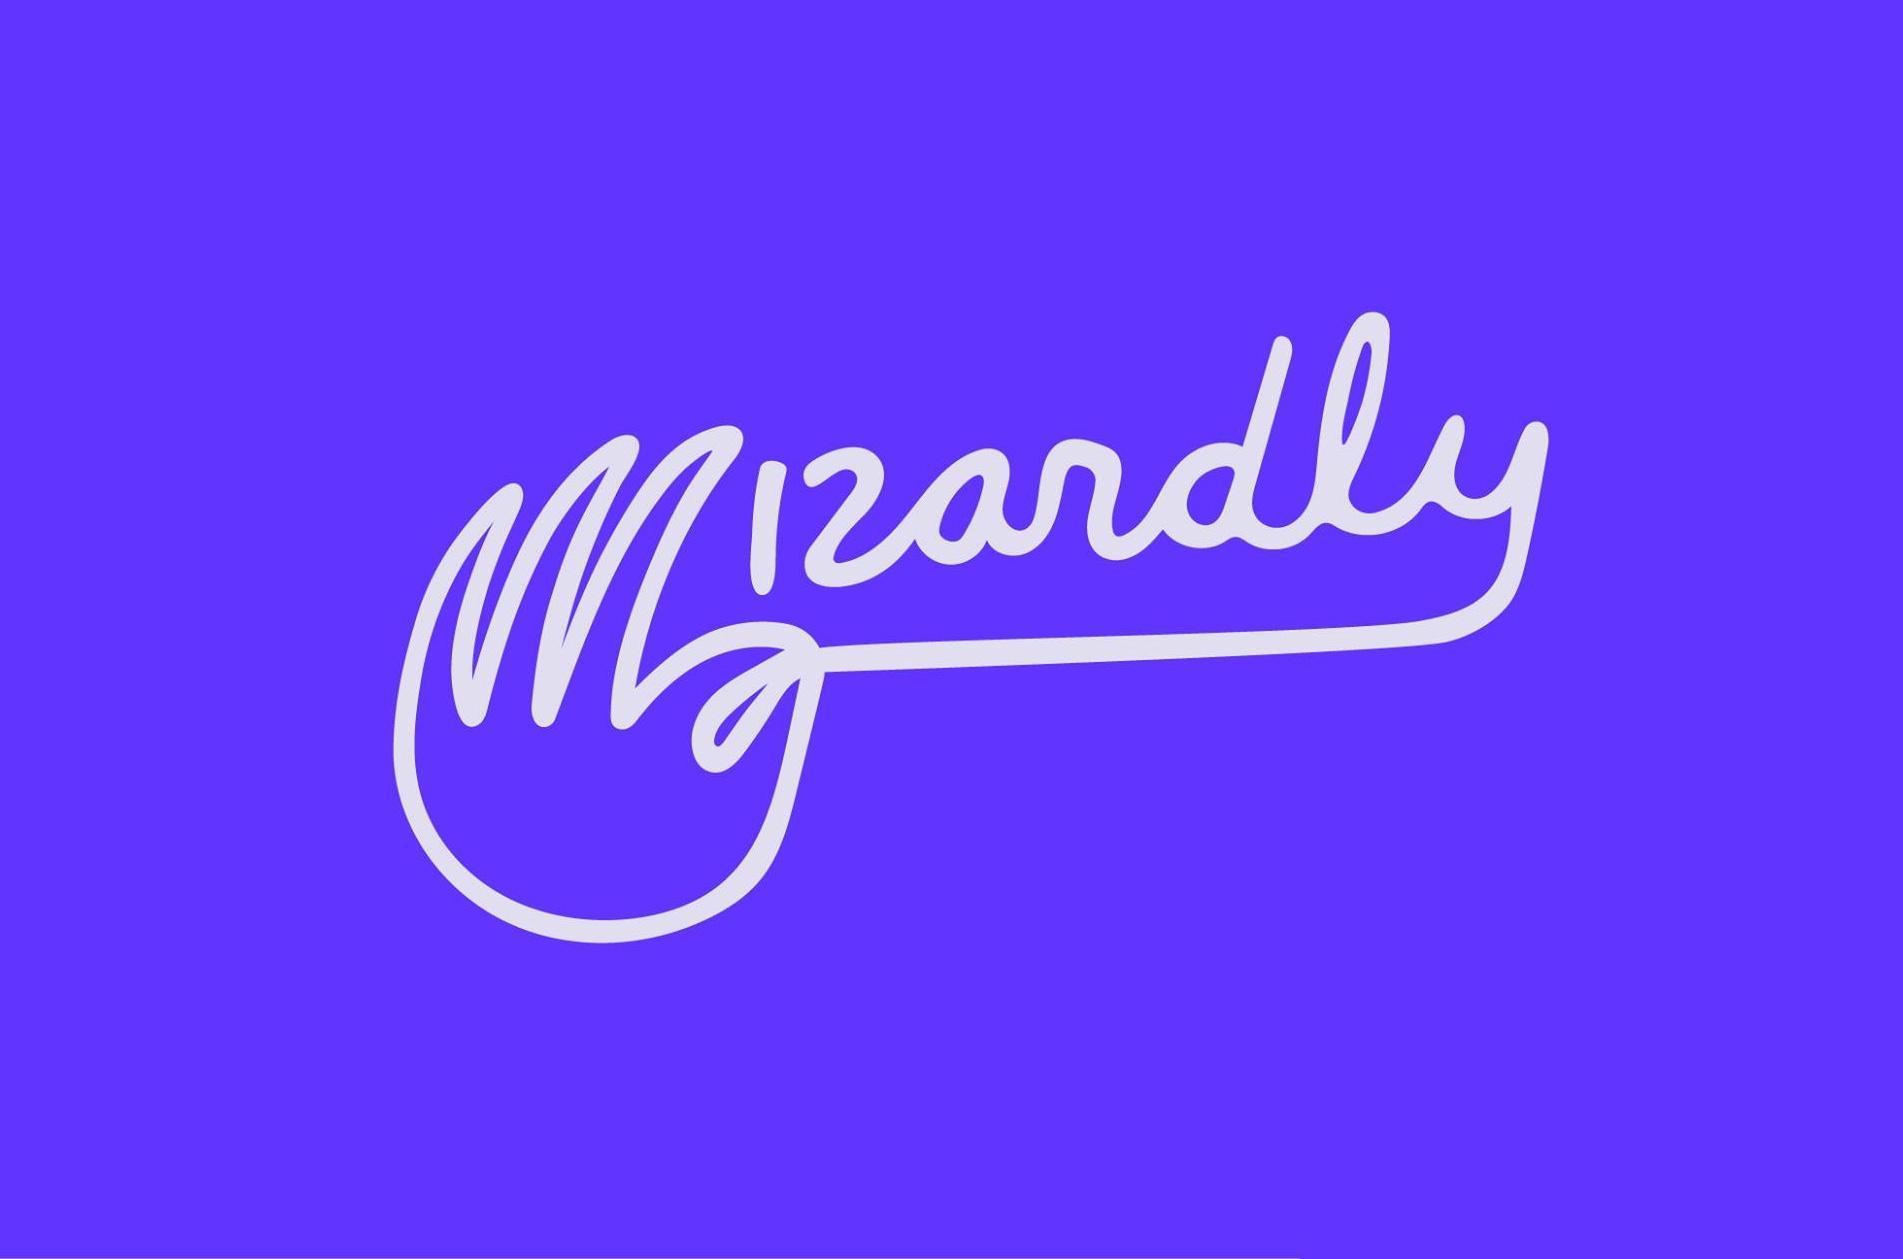 Wizardly company logo